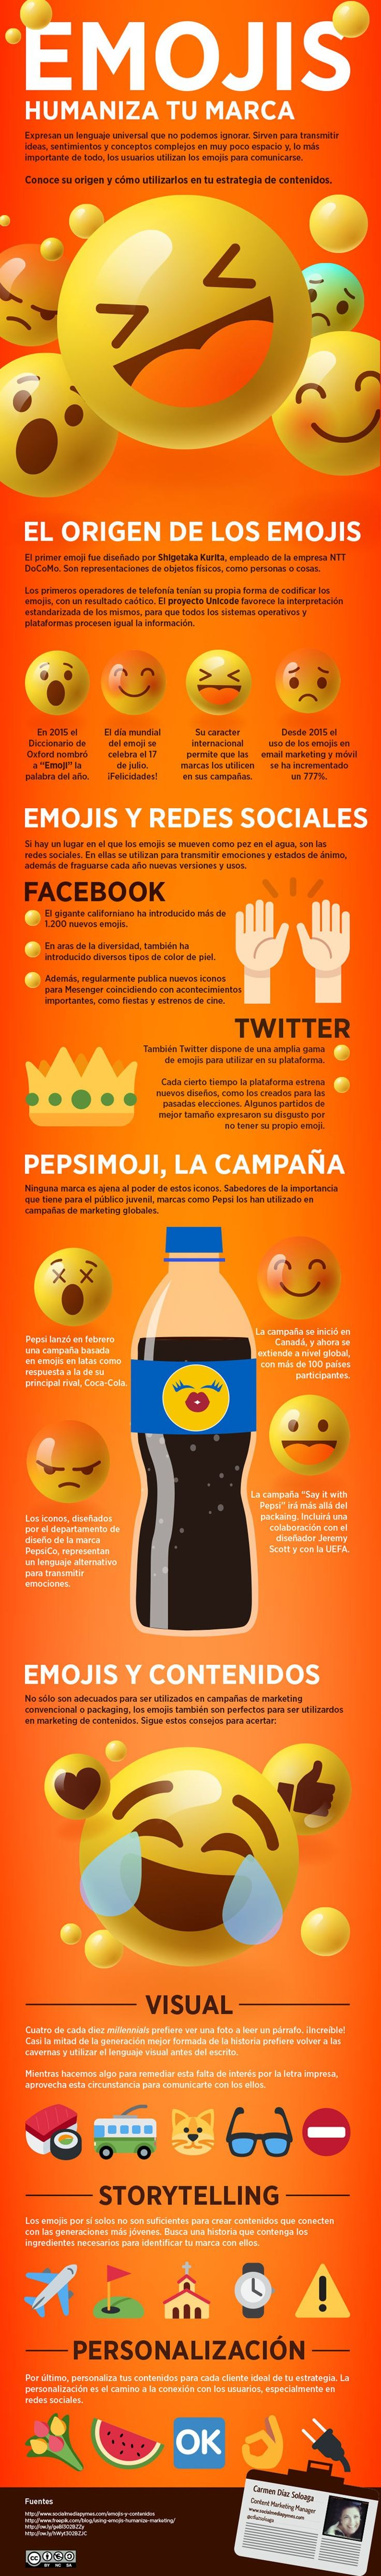 emojis-y-contenidos-infografia